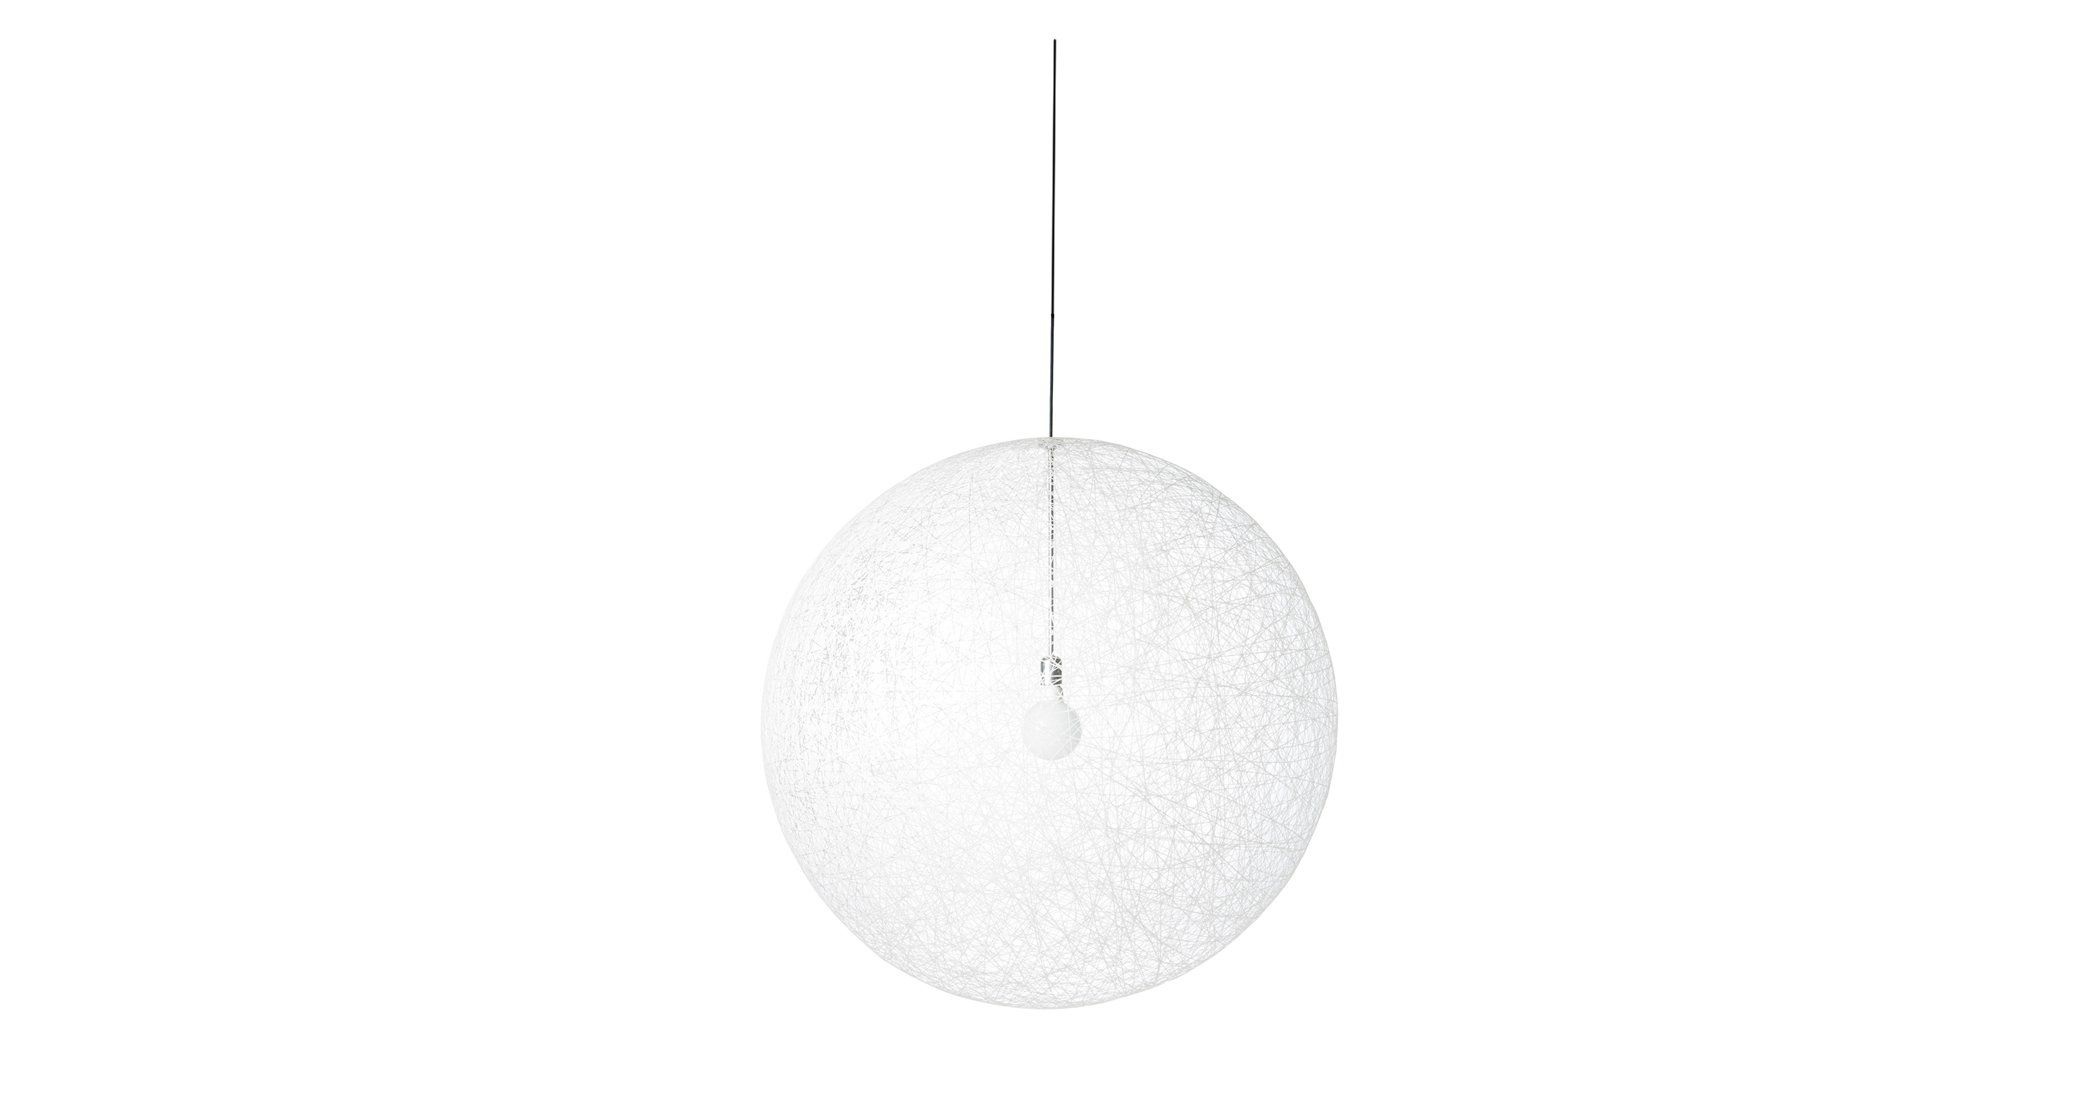 Random Light er designet af Bertjan Pot. Med sit næsten eventyrlige udtryksvæver denne pendel som et stort transparent garnnøgle fra loftet.